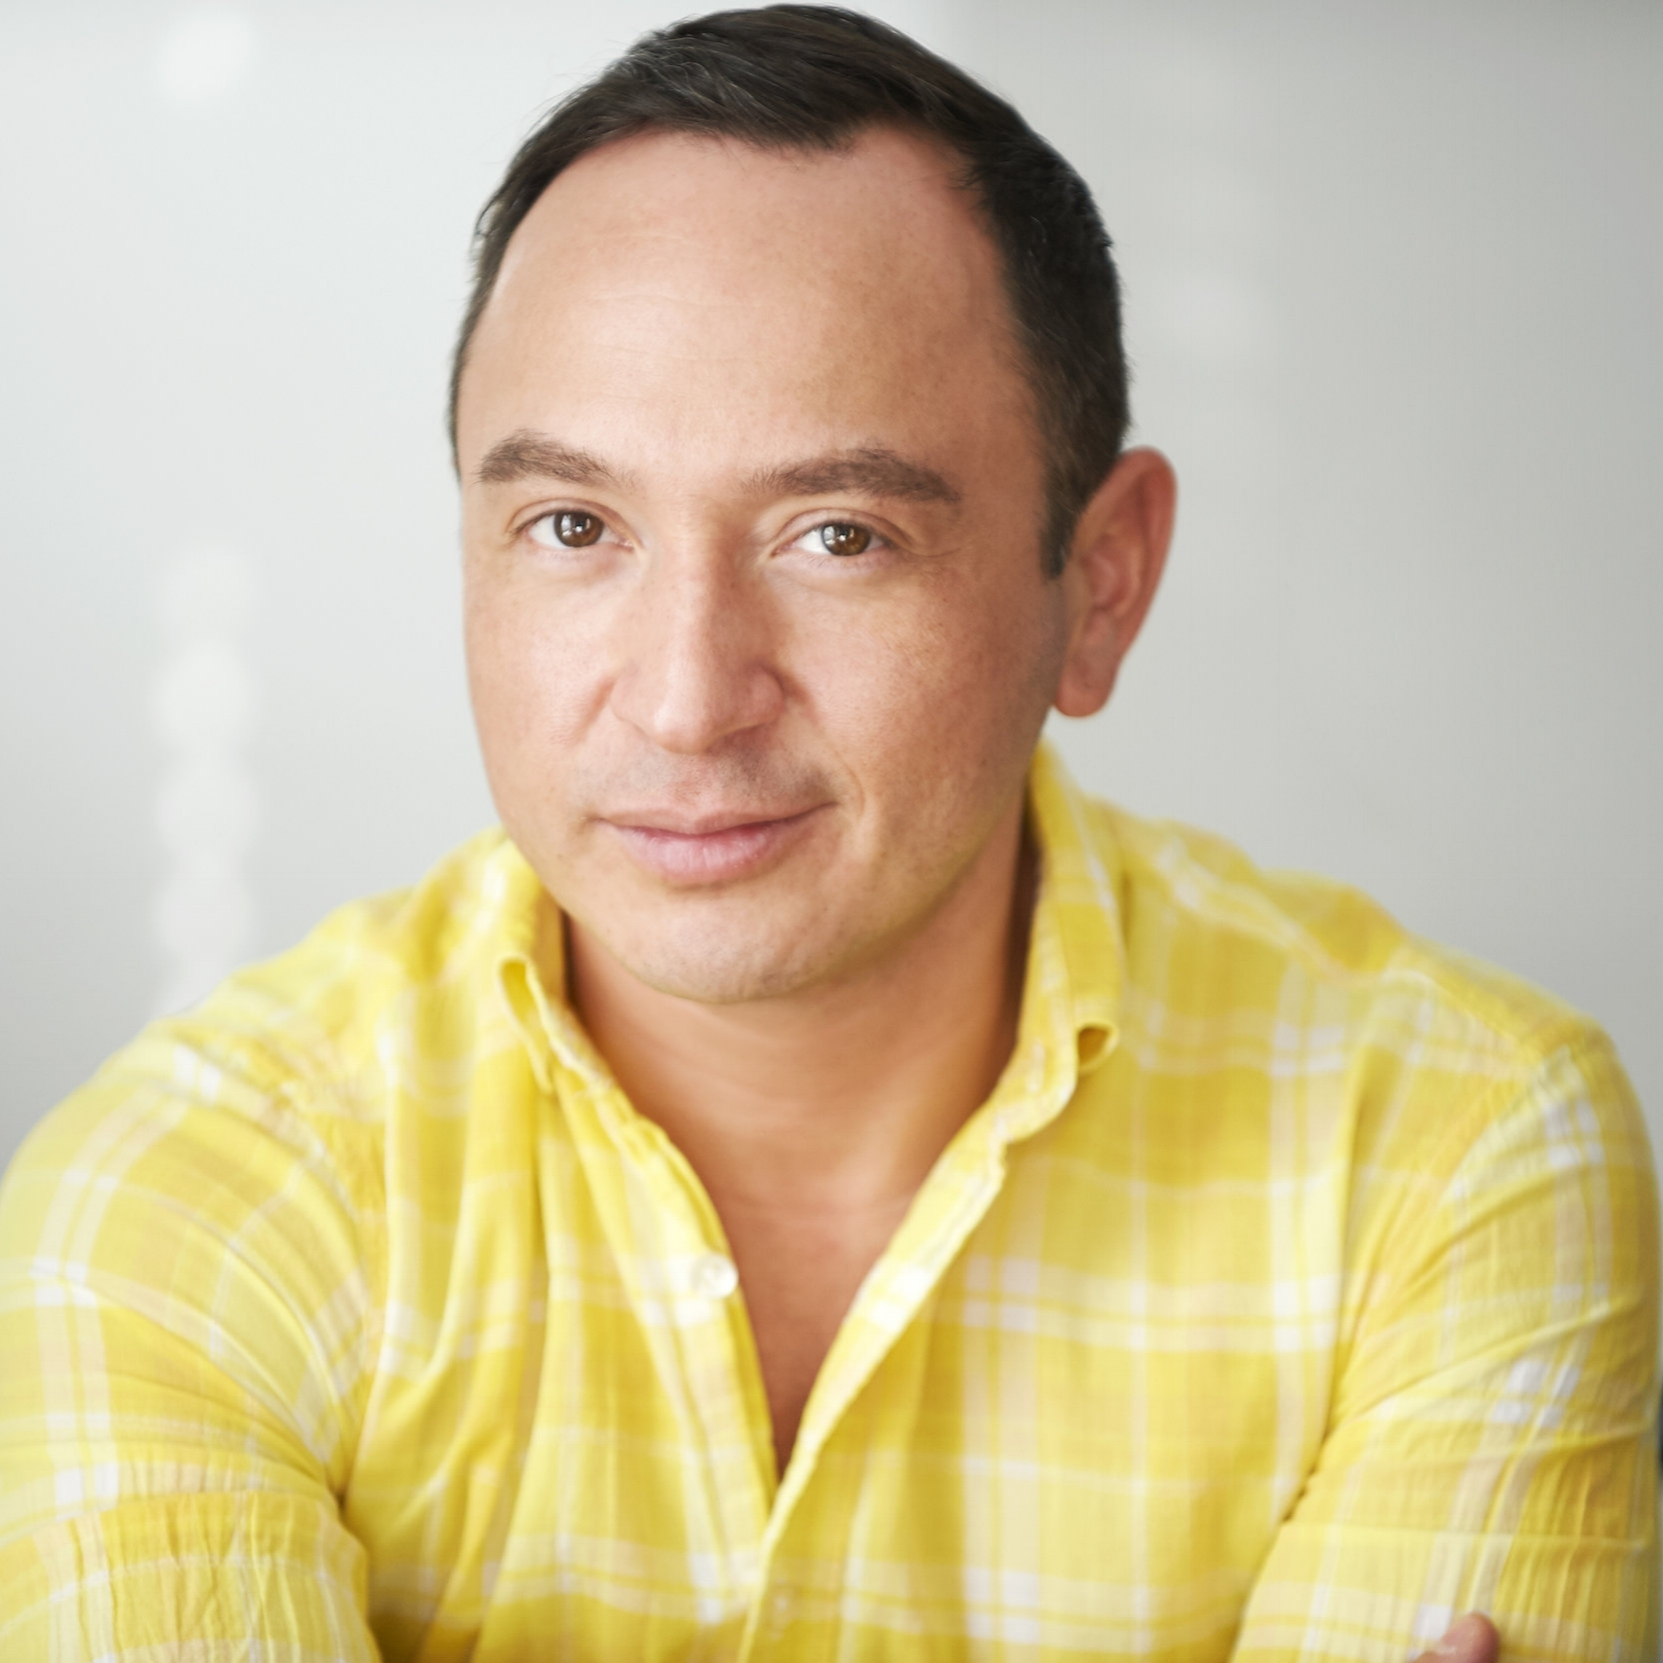 Jose Arias